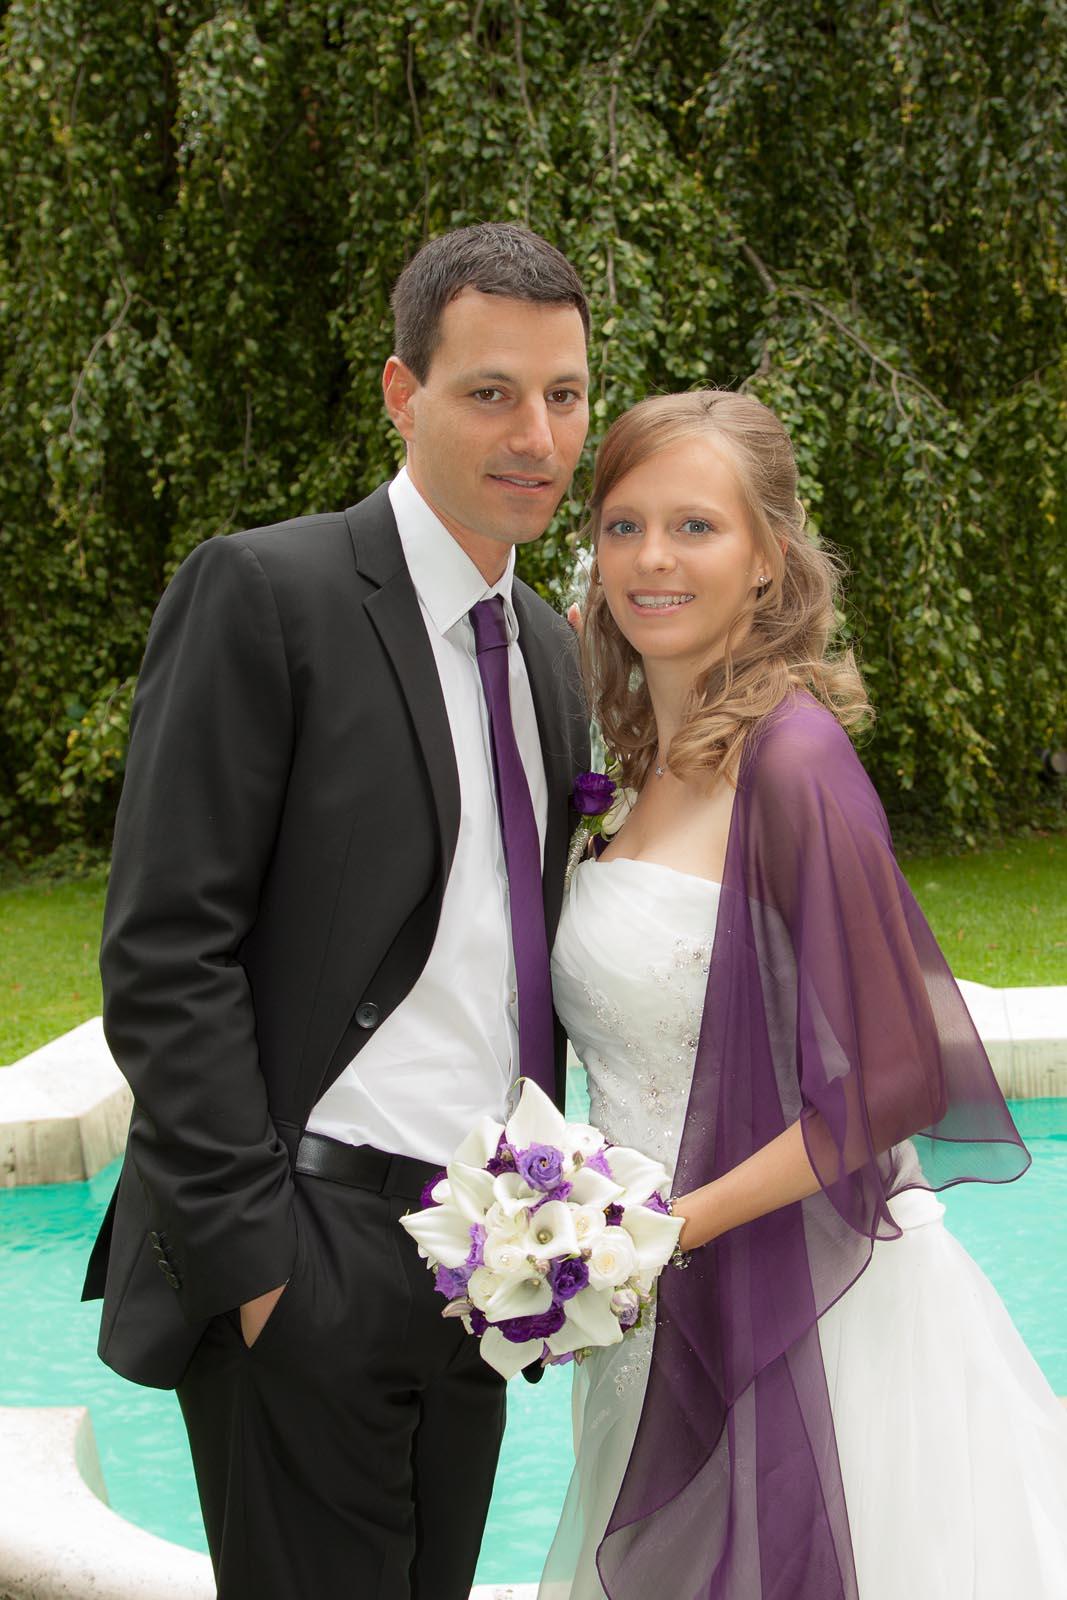 Hochzeit-Portraits-Pilo-2-Hochzeit-Pilo-9844.jpg